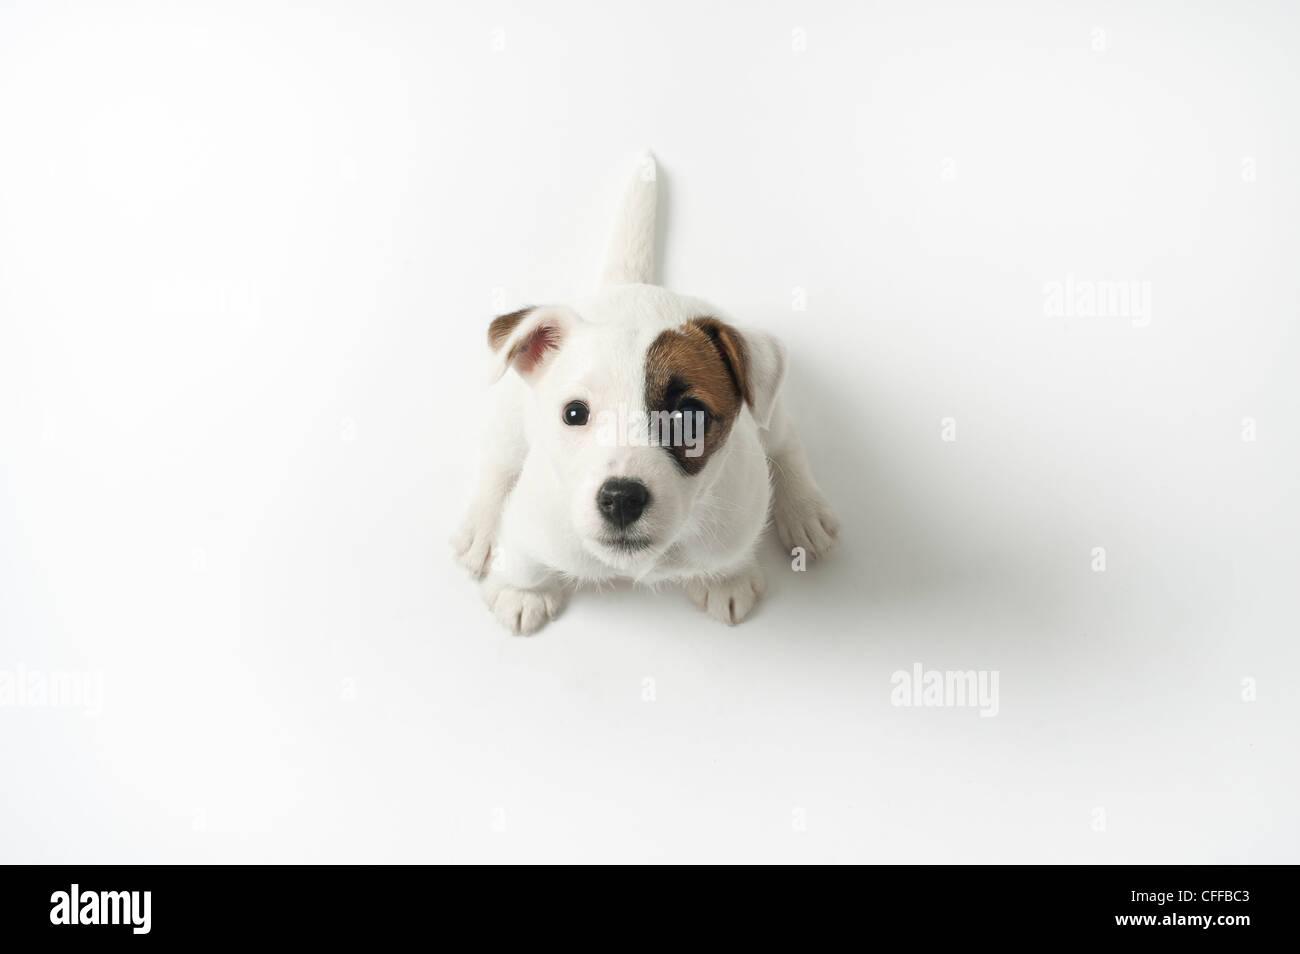 Jack Russell cachorro mirando hacia arriba. Imagen De Stock